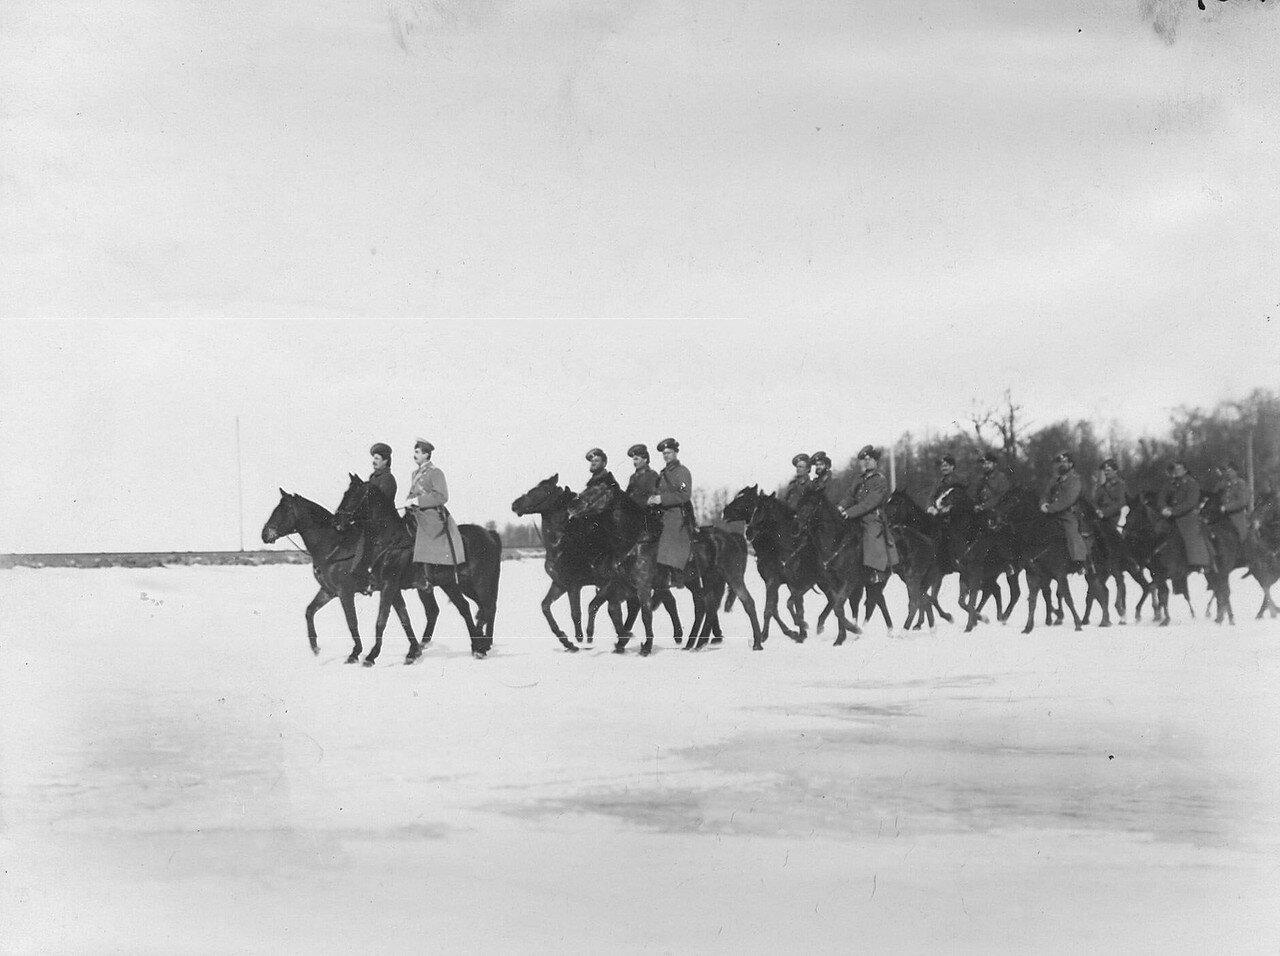 09. Взвод казаков полка с офицером на учении в 1-ой Петербургской императора Александра III бригаде отдельного корпуса пограничной стражи. 1908